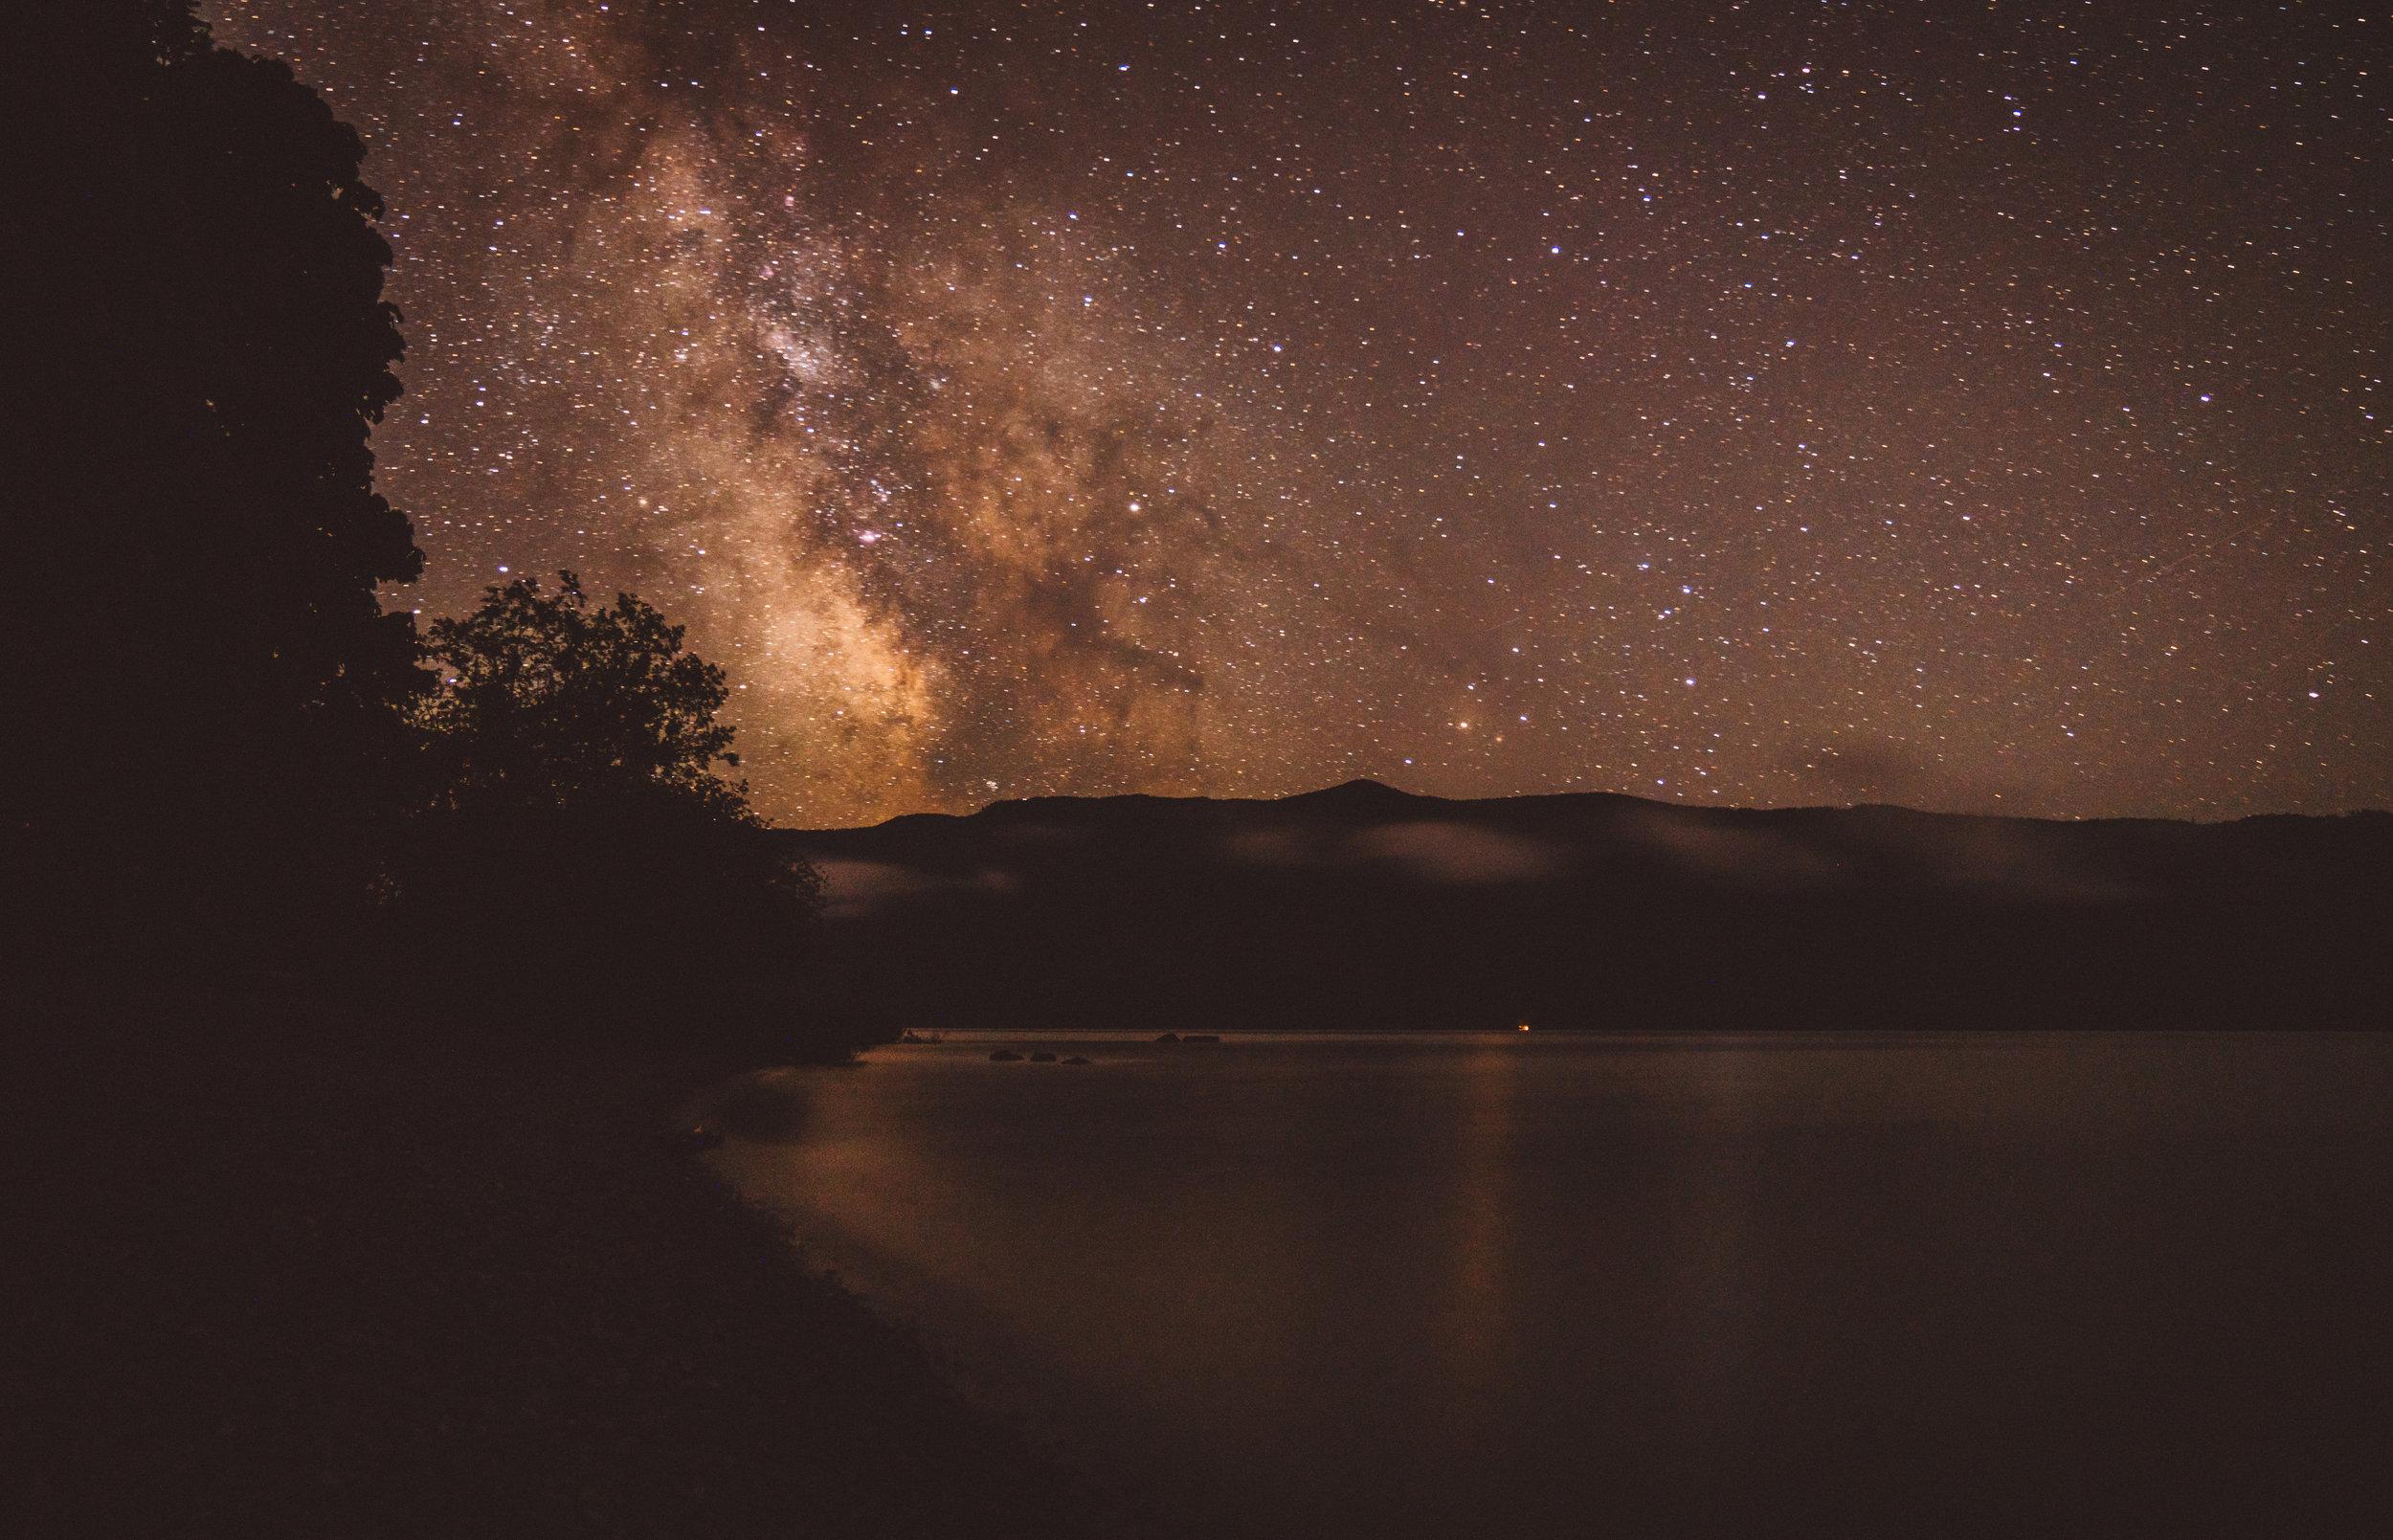 July 17, Milky Way over Lake Cowichan.